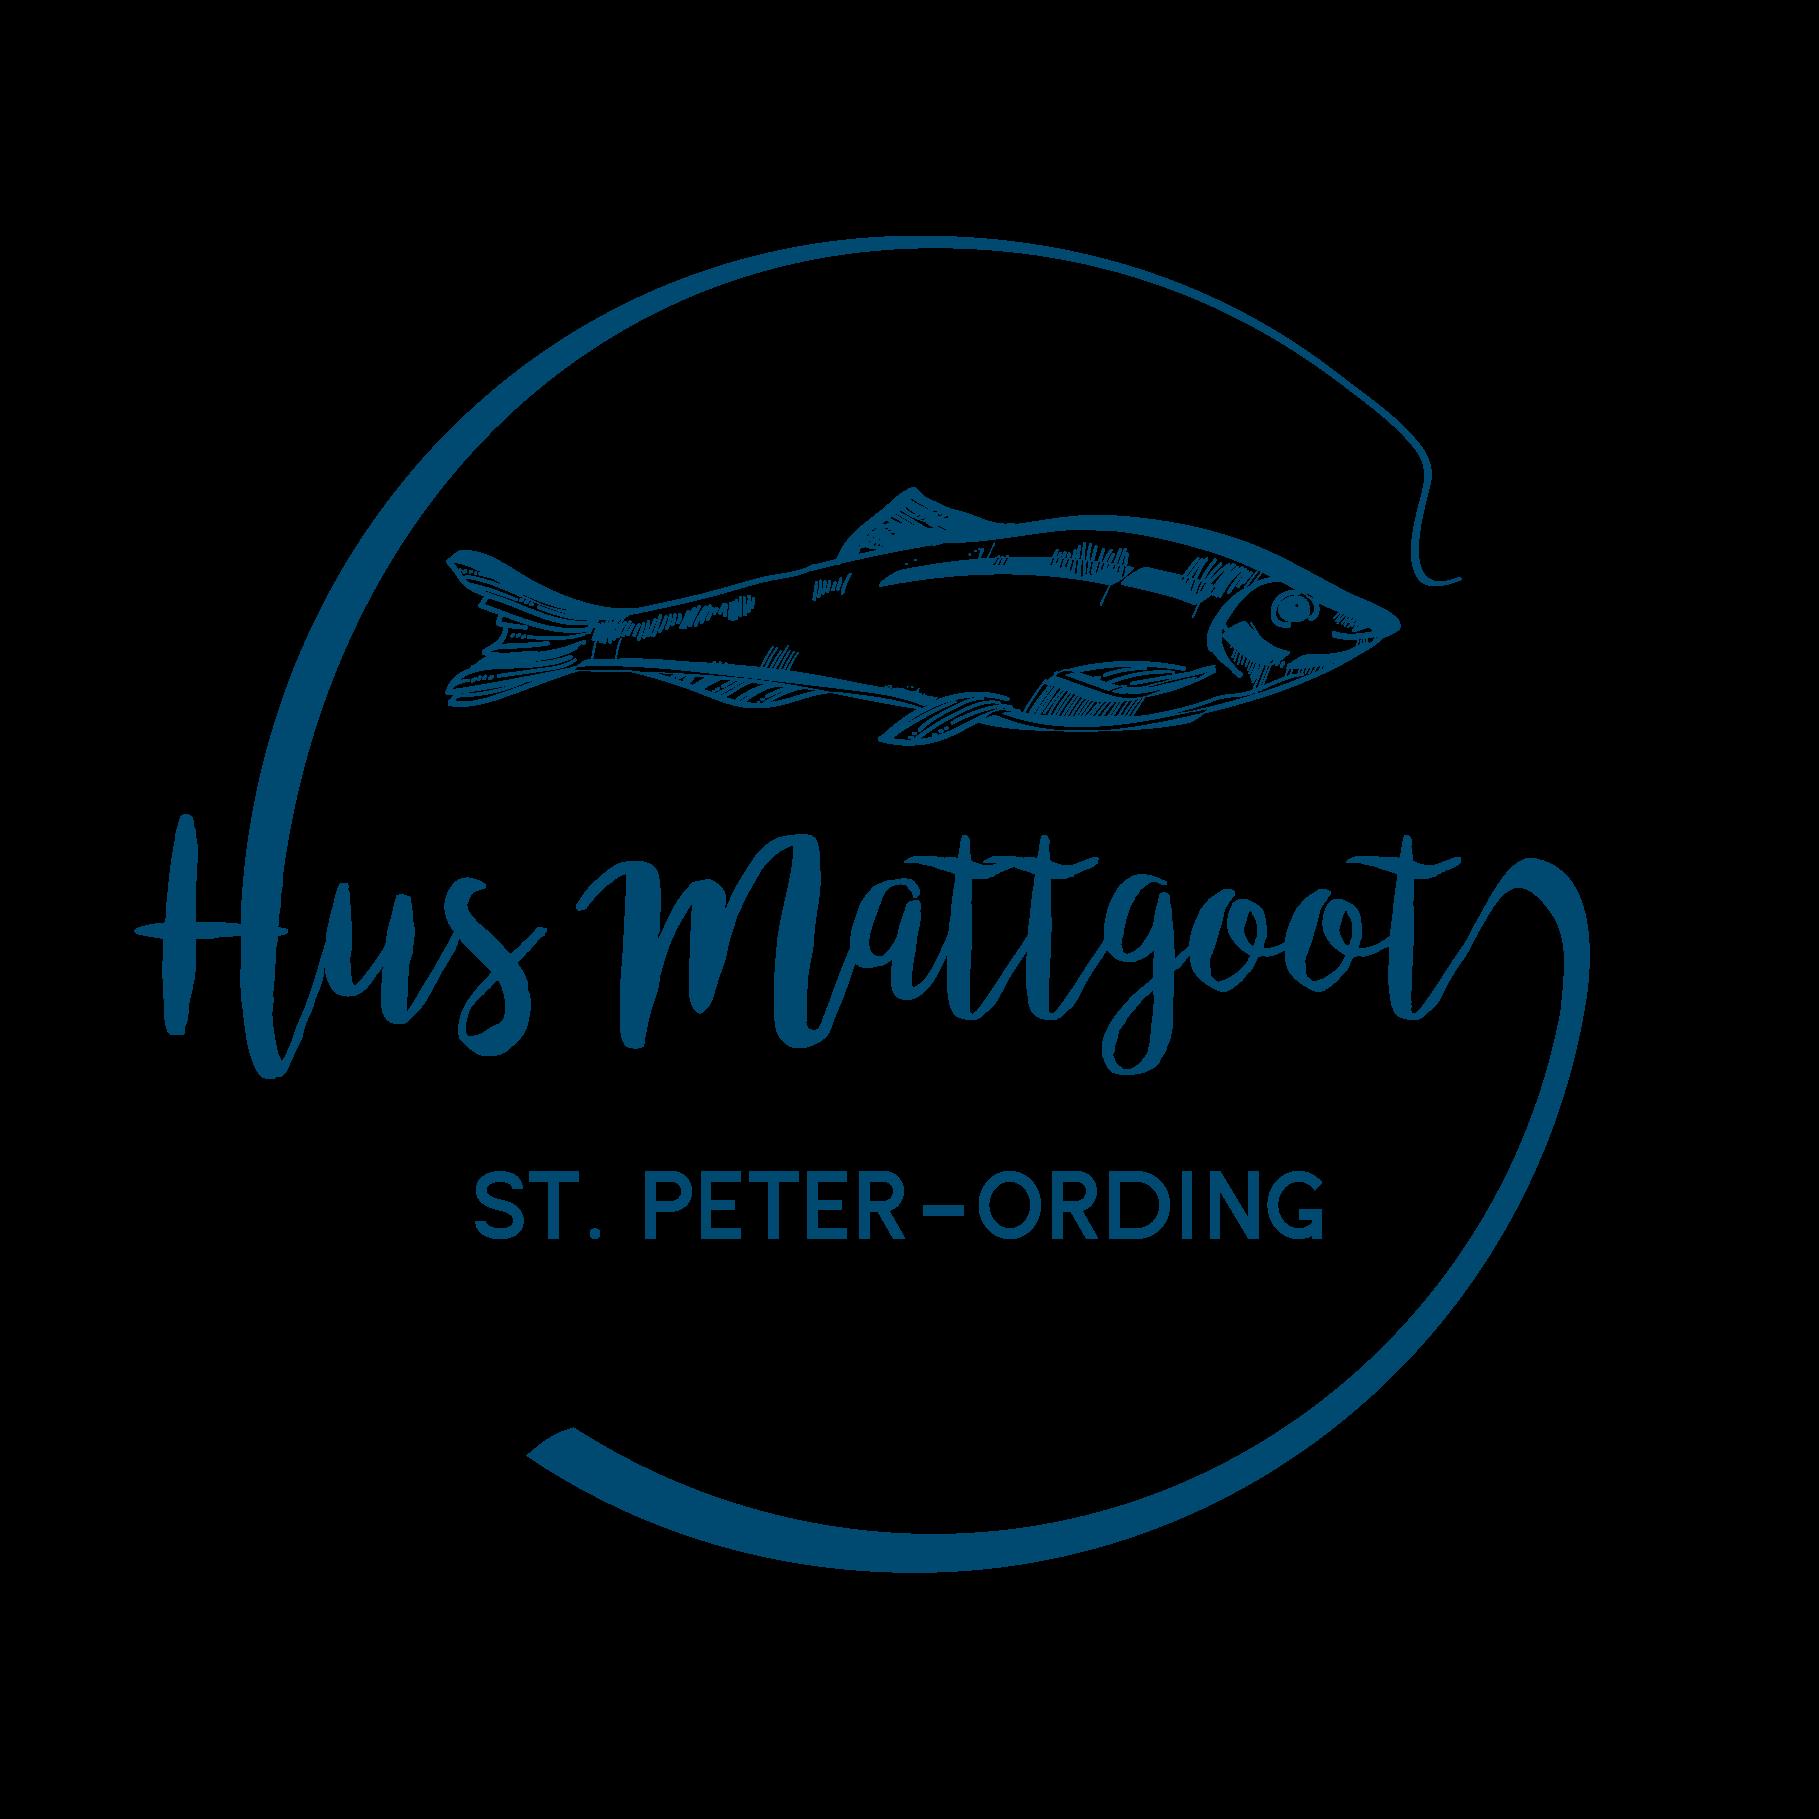 Hus Mattgoot